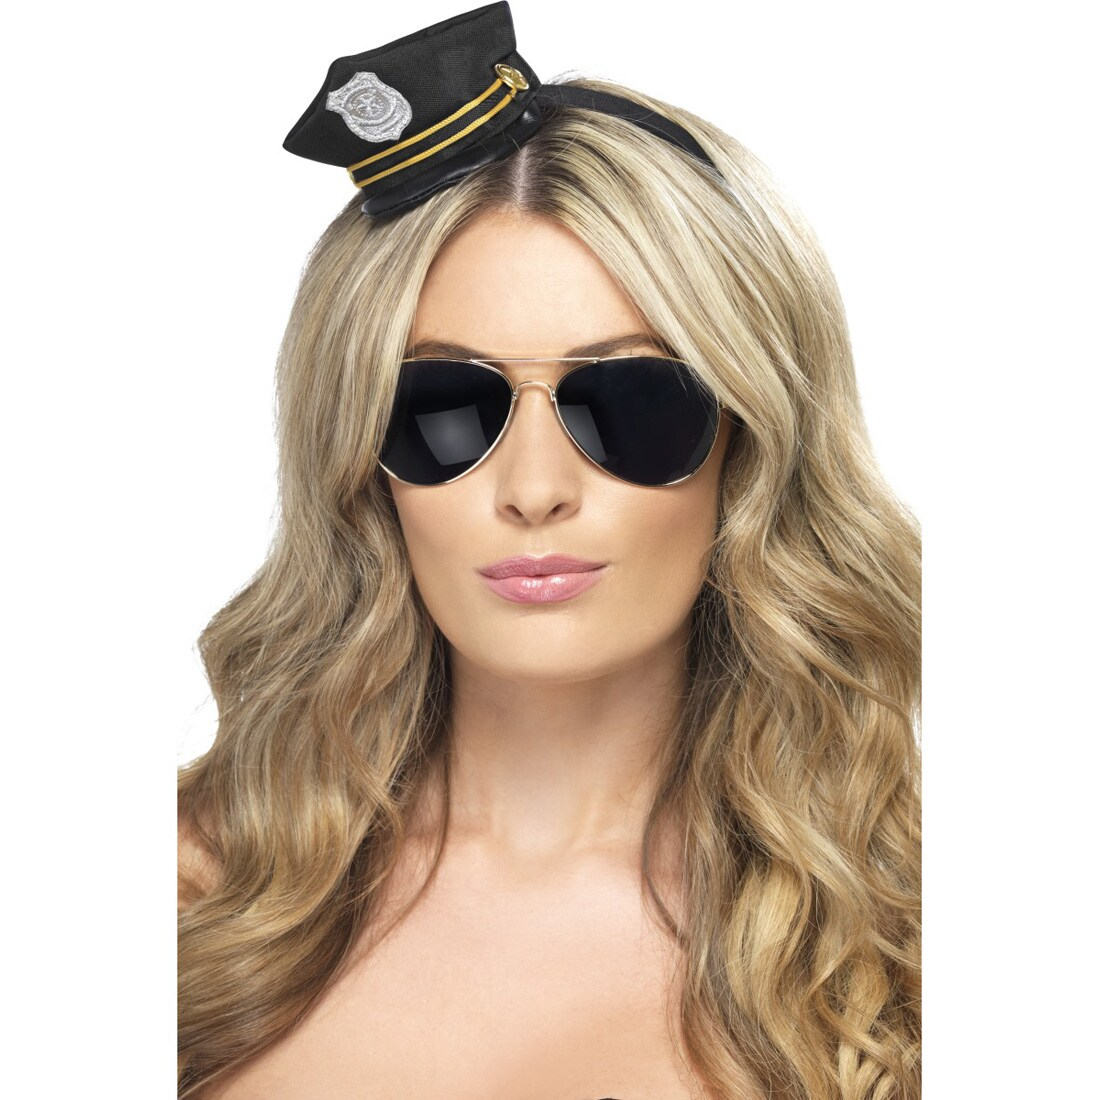 Polizeimütze für Kinder Classic NEU Karneval Fasching Hut Mütze Kopfbedeckung